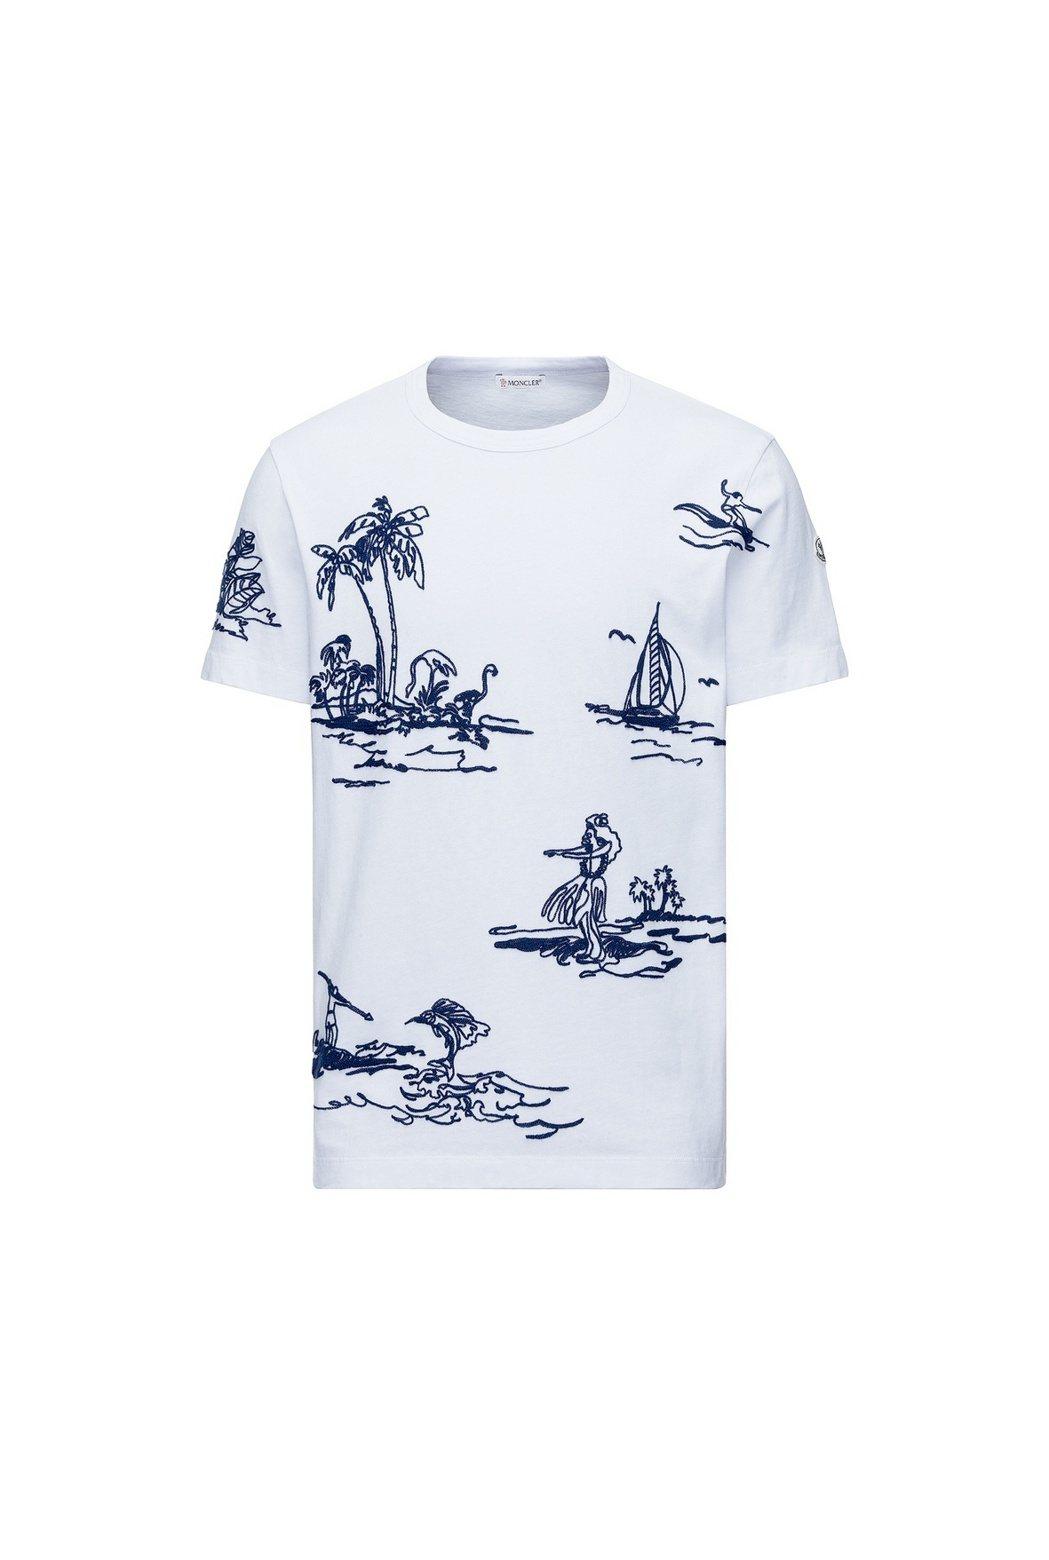 POSTCARD如畫景致系列度假手繪粗針織刺繡白色T恤,價格店洽。圖/MONCL...